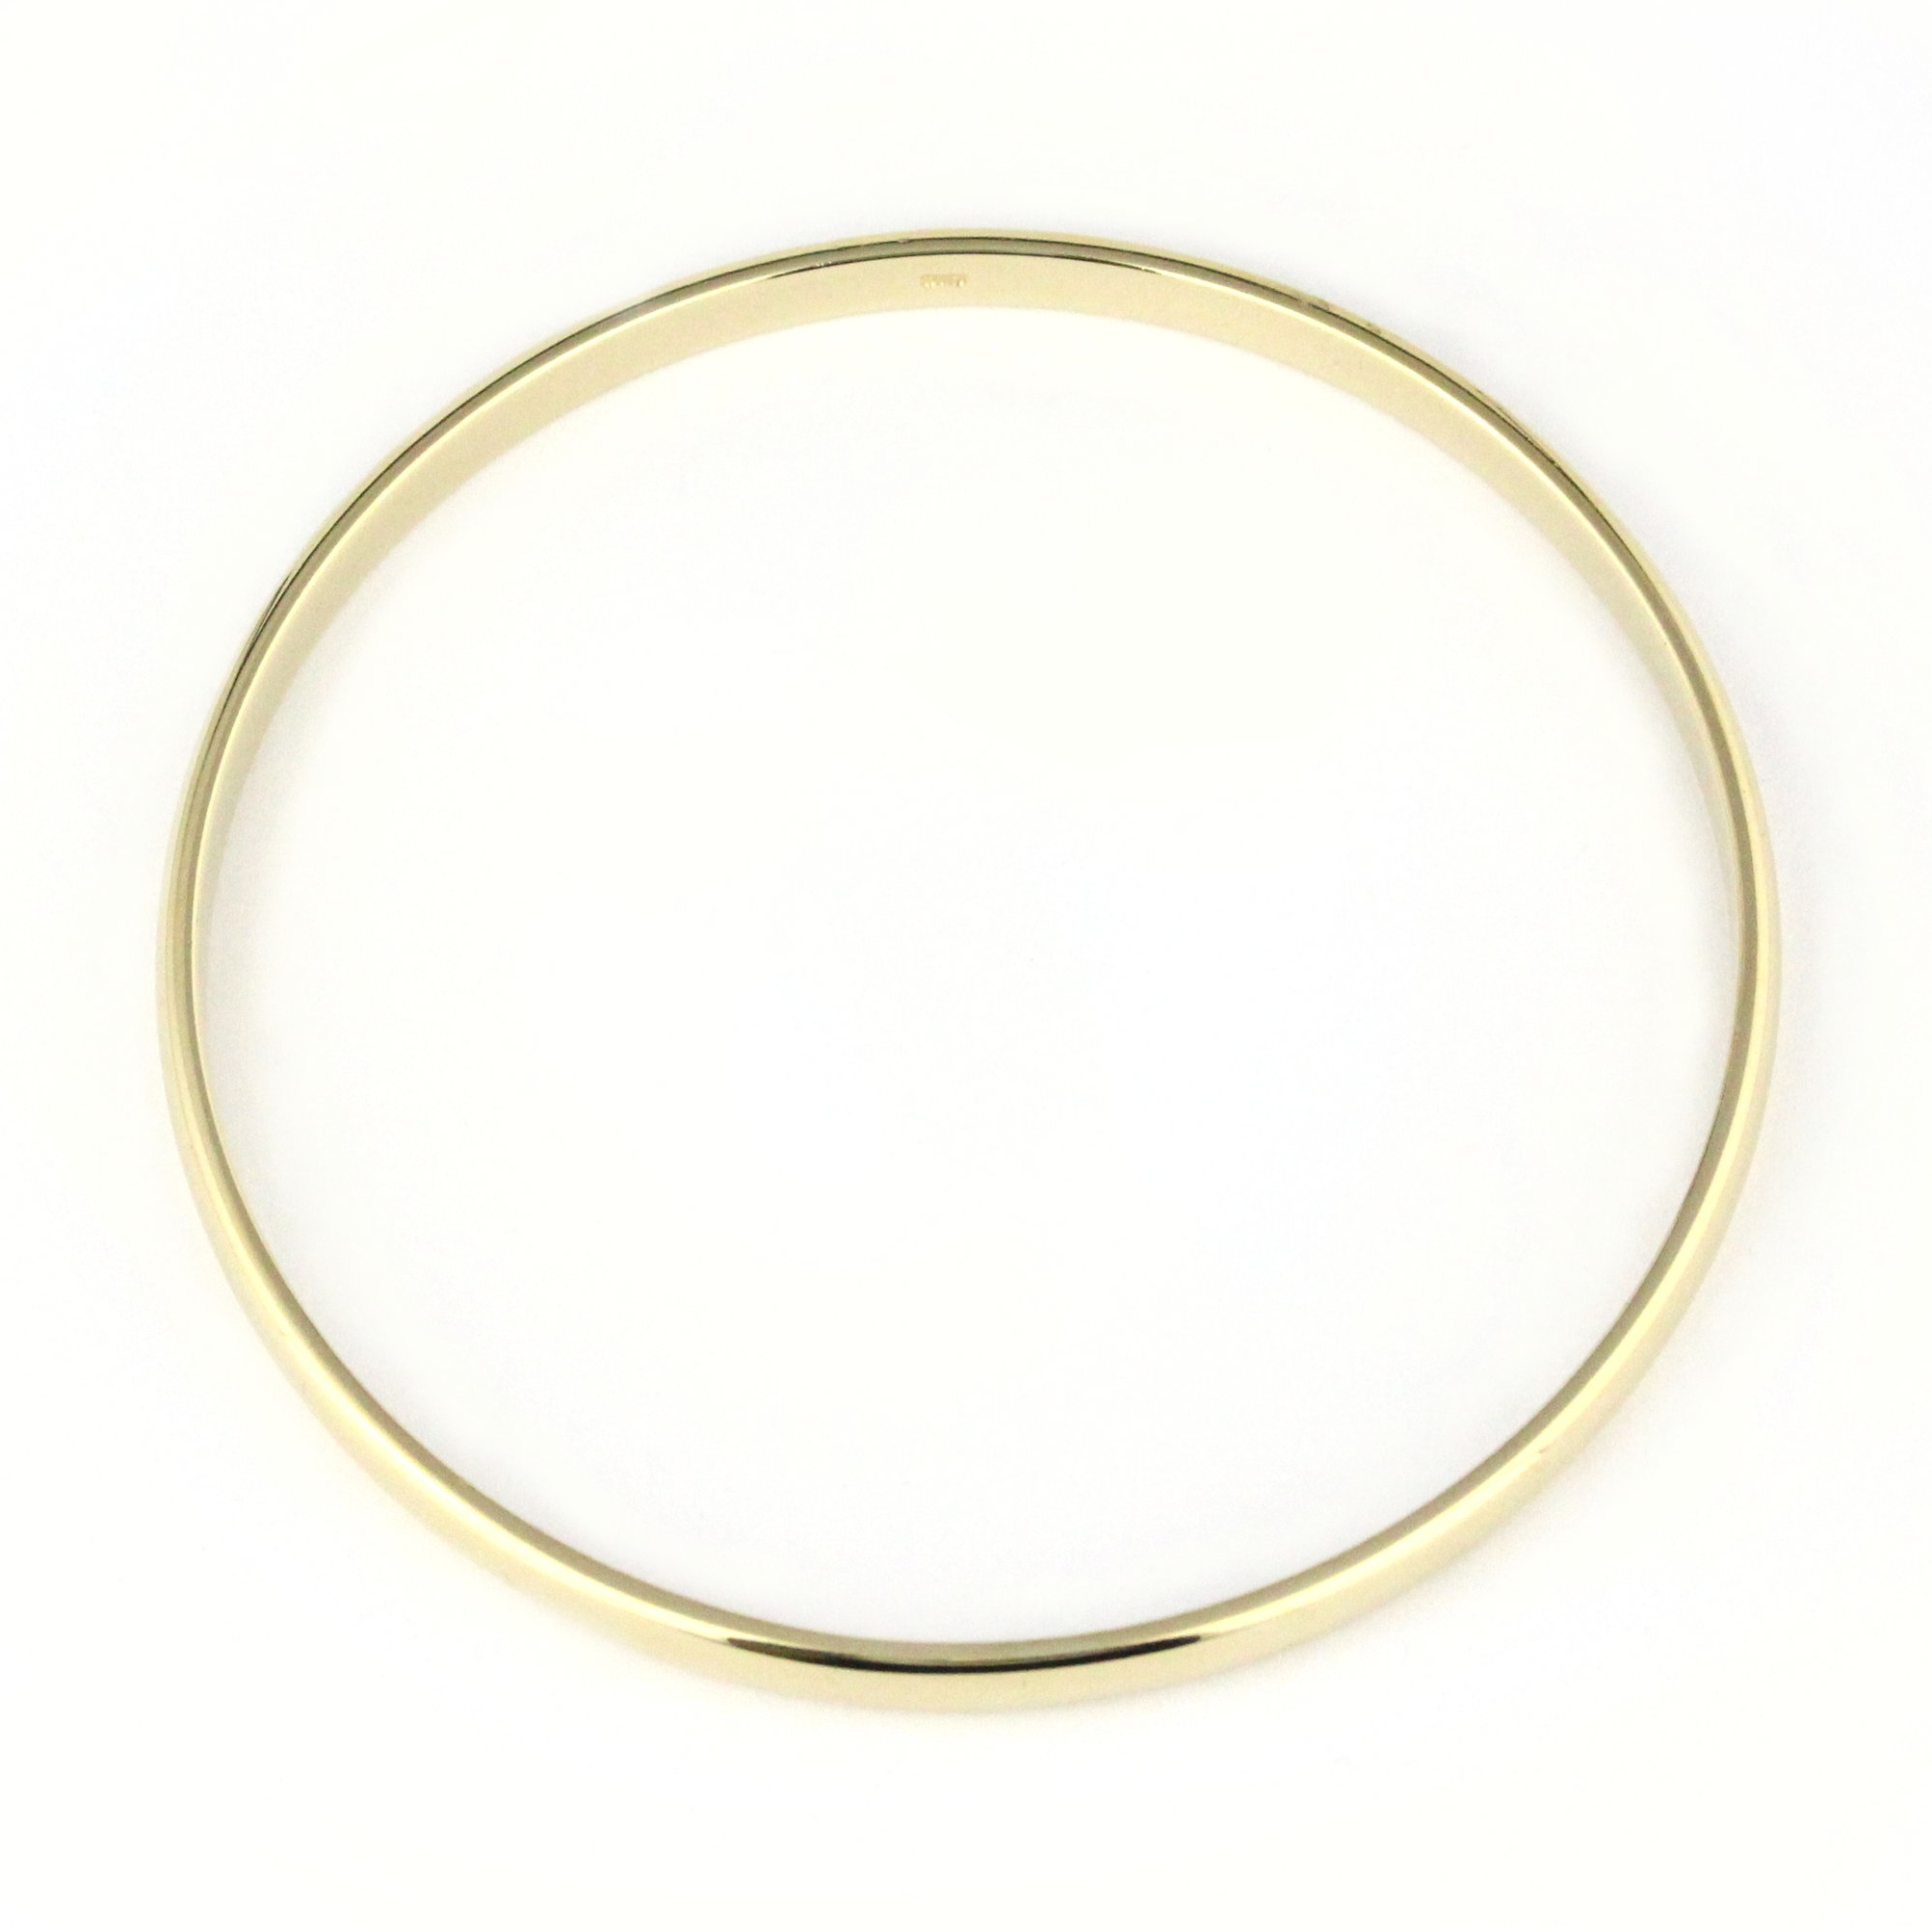 Thin yellow gold half round bangle.